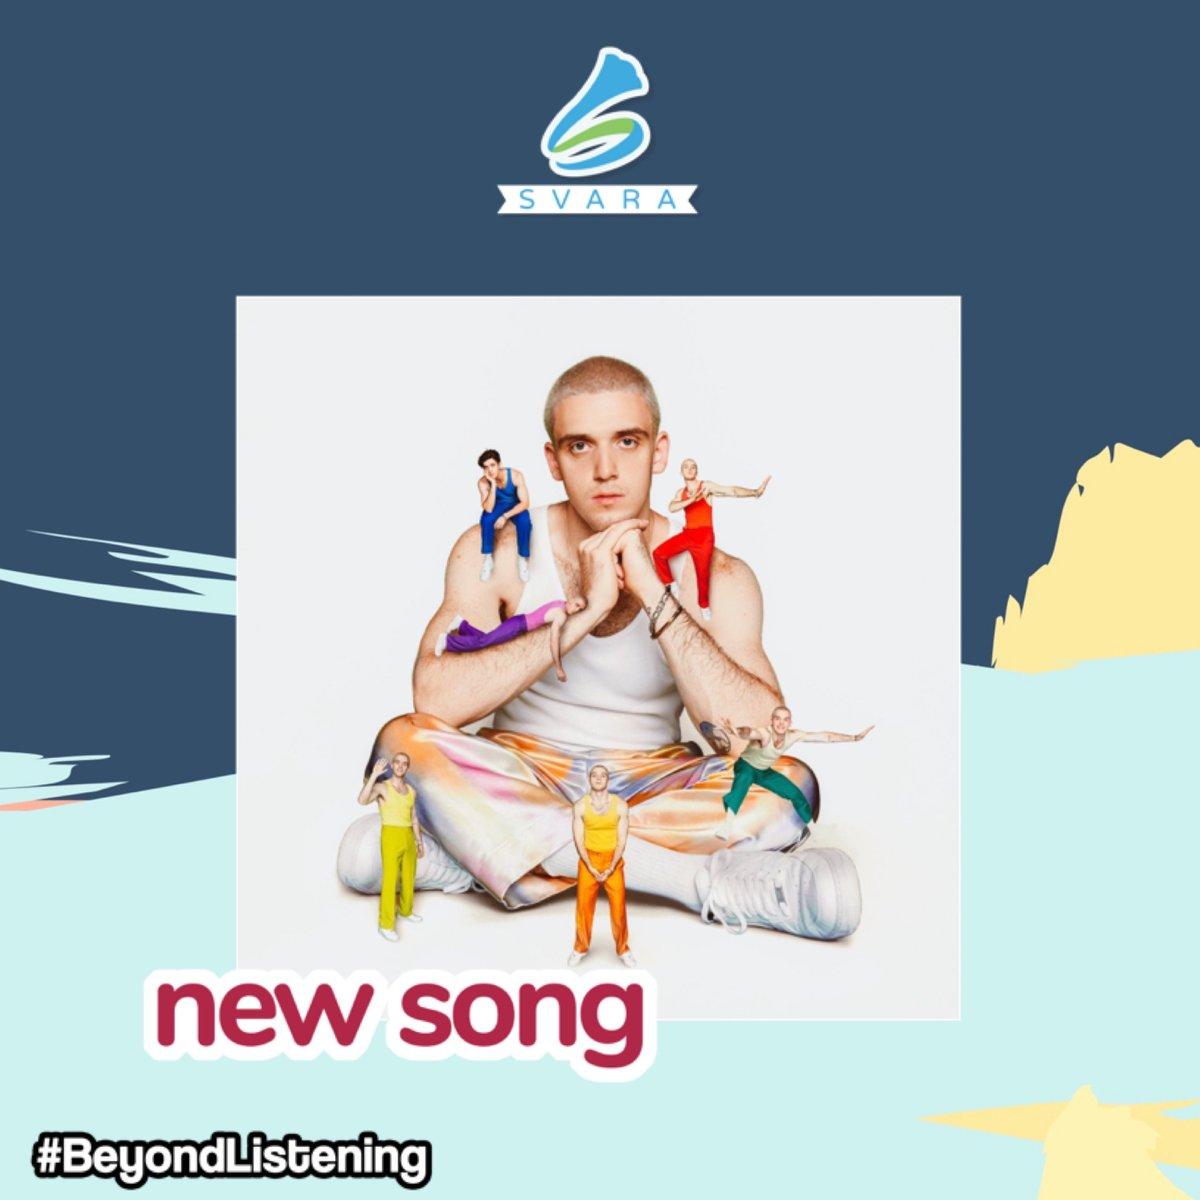 yg nungguin album dari LAUV mana suaranyaaaa????? nihhh kita kasih... lagu baru di hari Minggu... langsung cek aplikasi SVARAnya ya! . . . . #SVARA #beyondlistening pic.twitter.com/c34nxYiVur